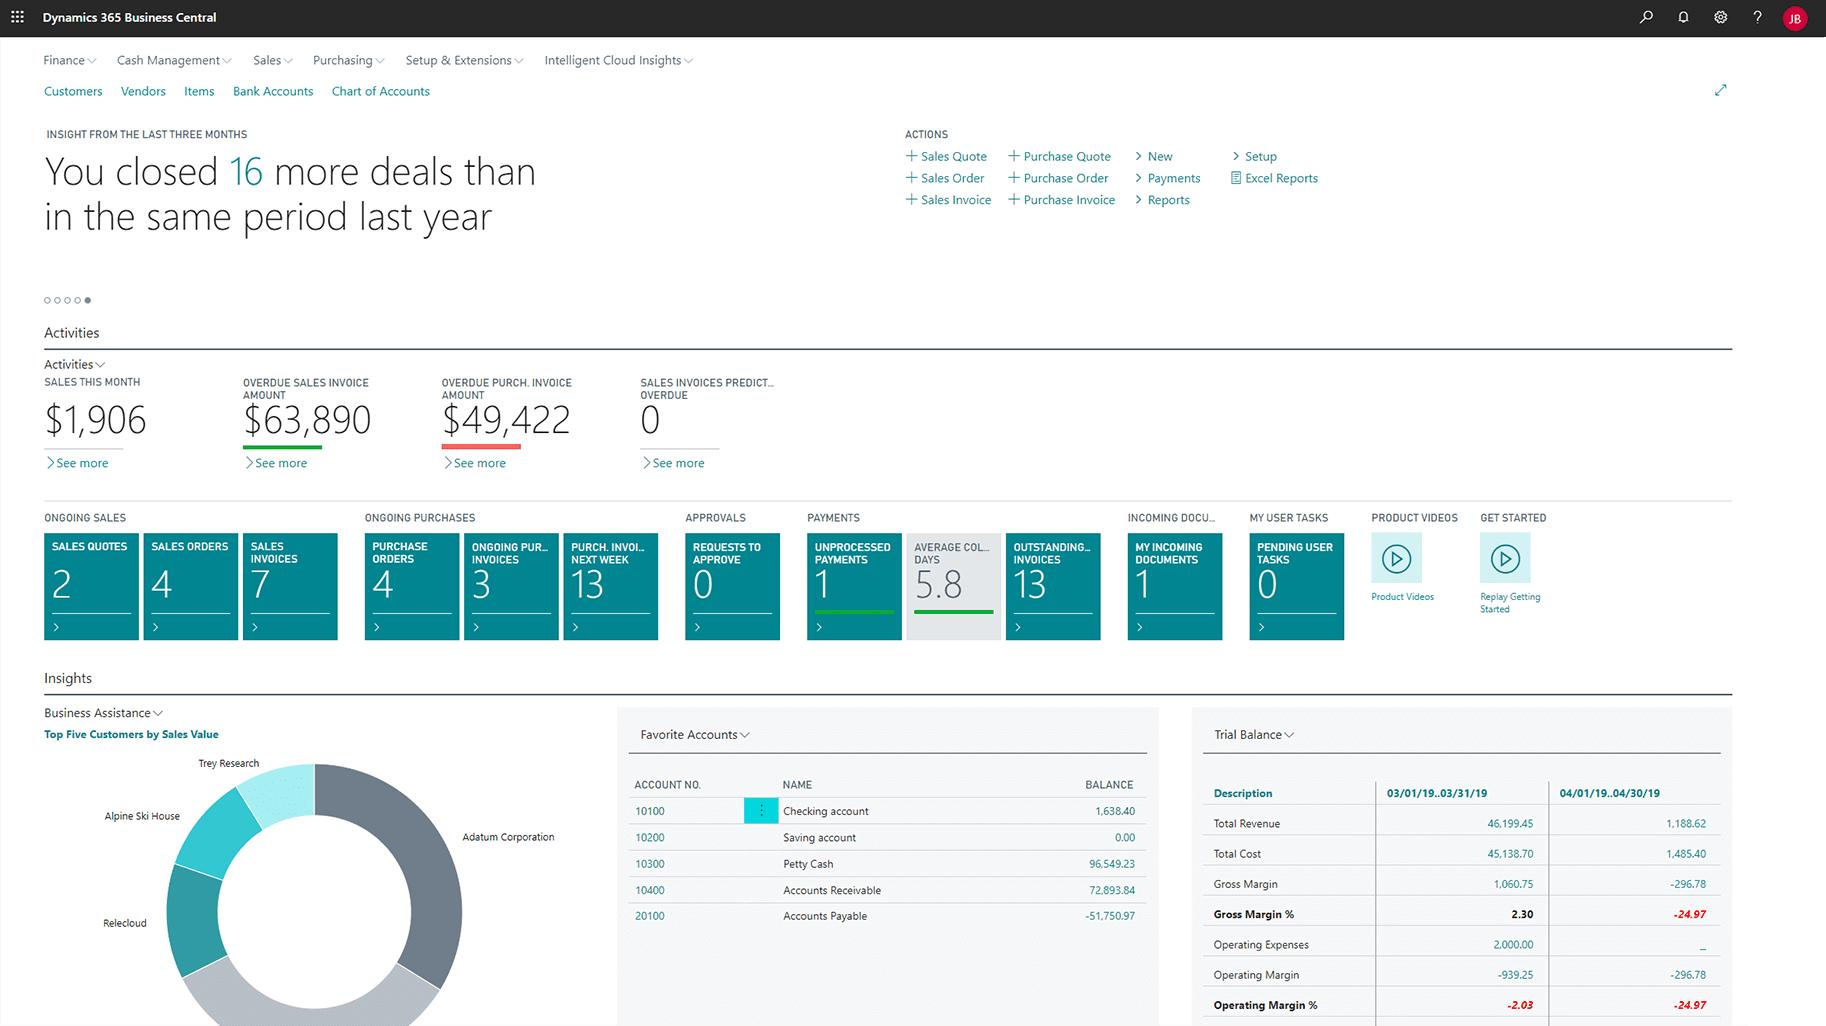 Microsoft Dynamics 365 CRM dashboard